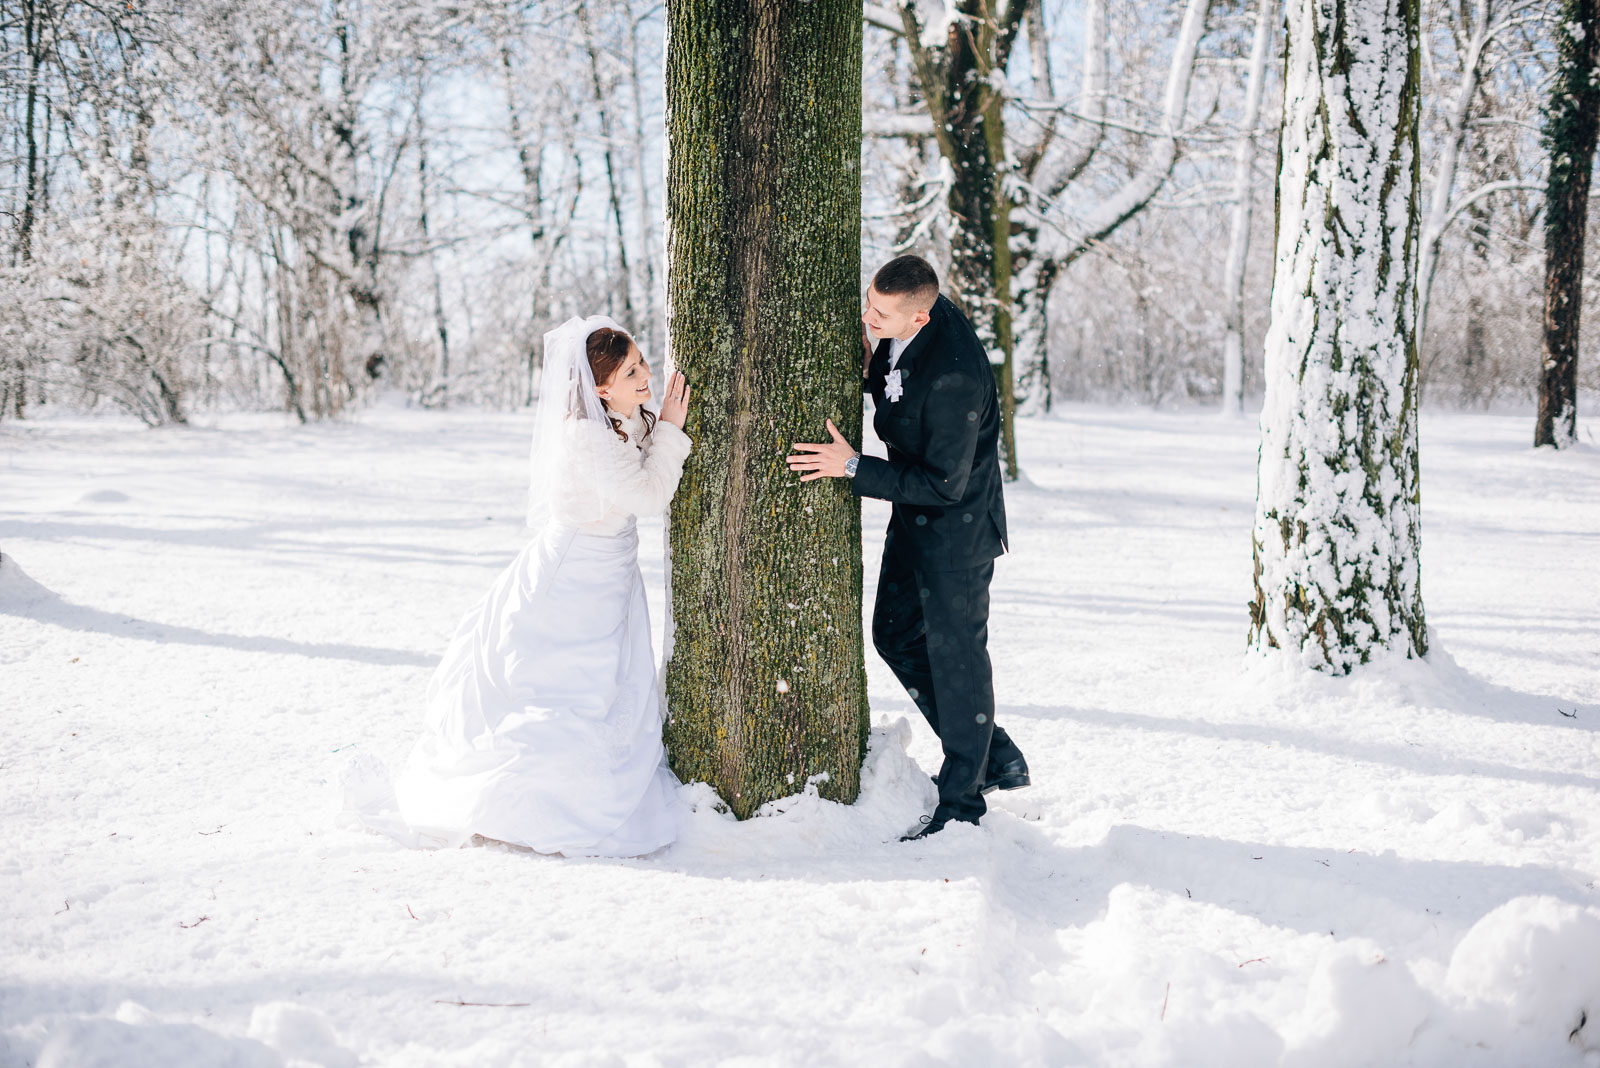 svadba svadobne fotenie fotograf nitra bratislava trencin banska bystrica bab sneh zima v zimepriroda portret portrety